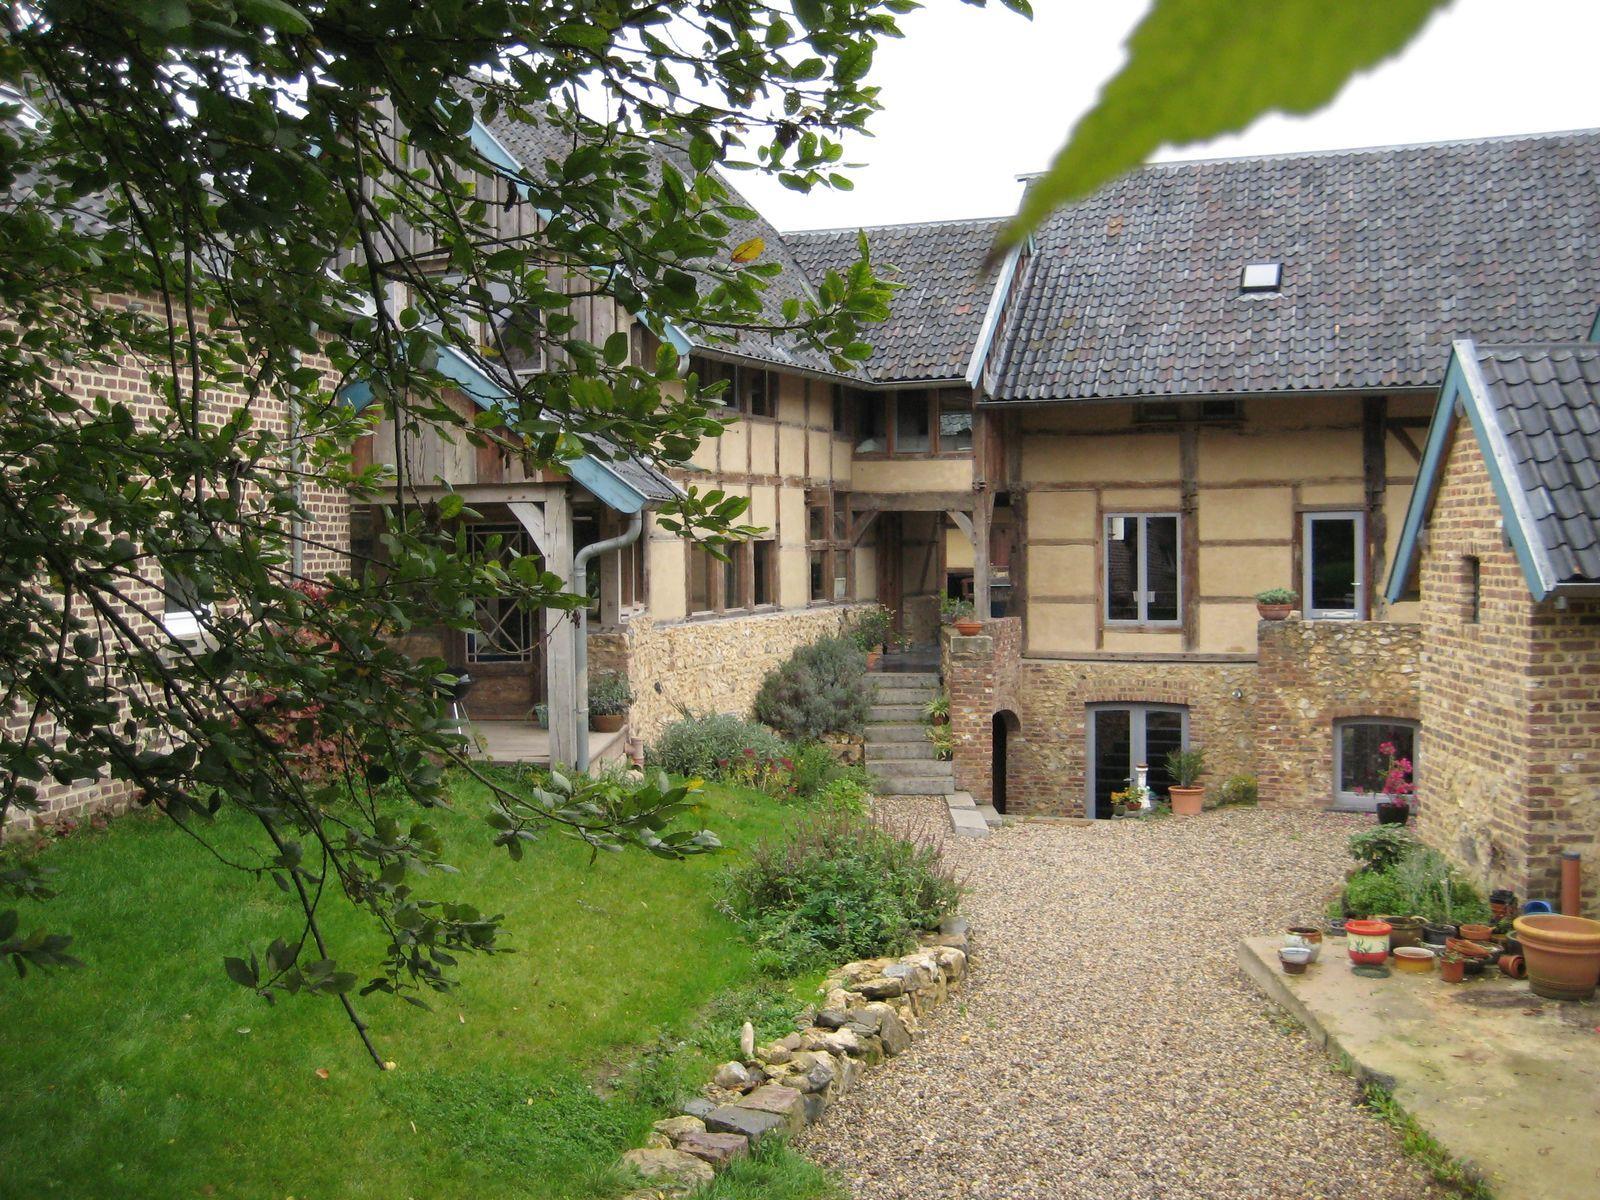 Vakwerkhuis Oude Huis - vakantiehuis bij Maastricht, Aken, Luik